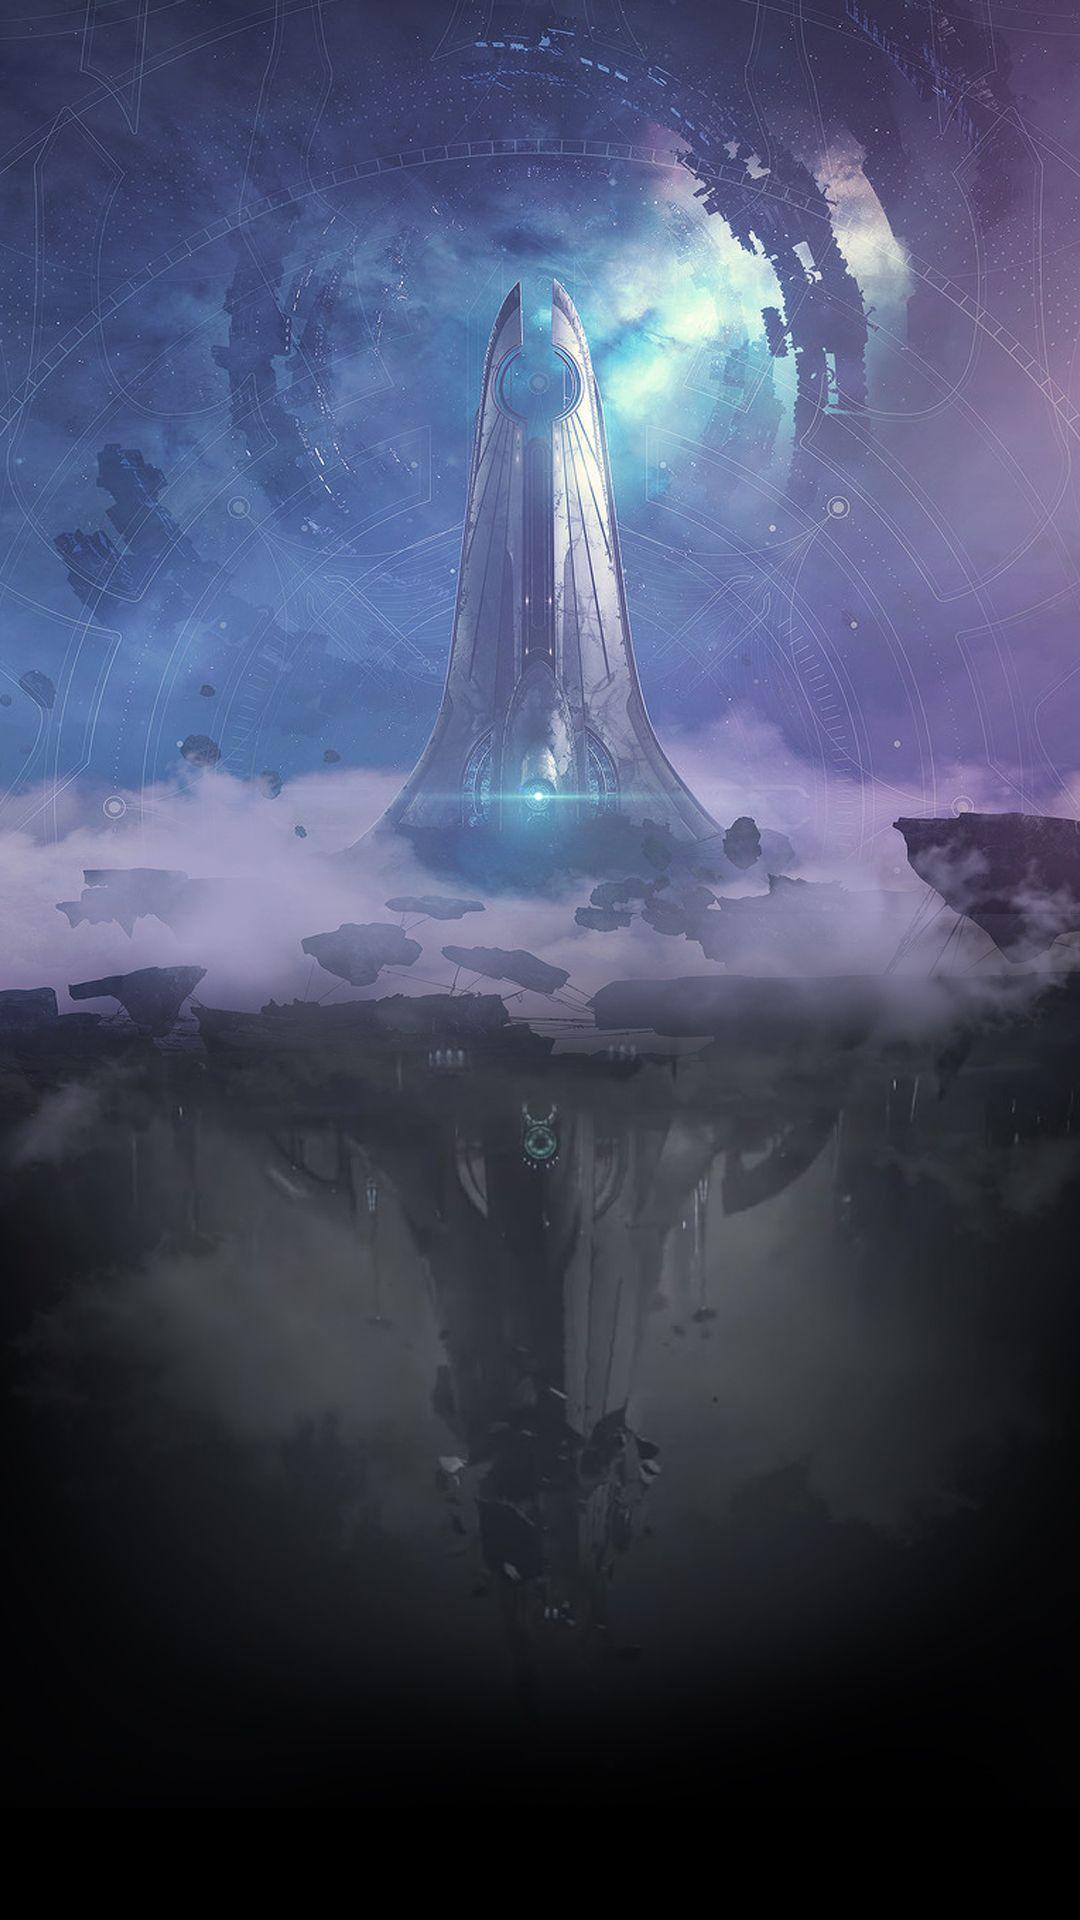 dreaming city destiny destiny 2